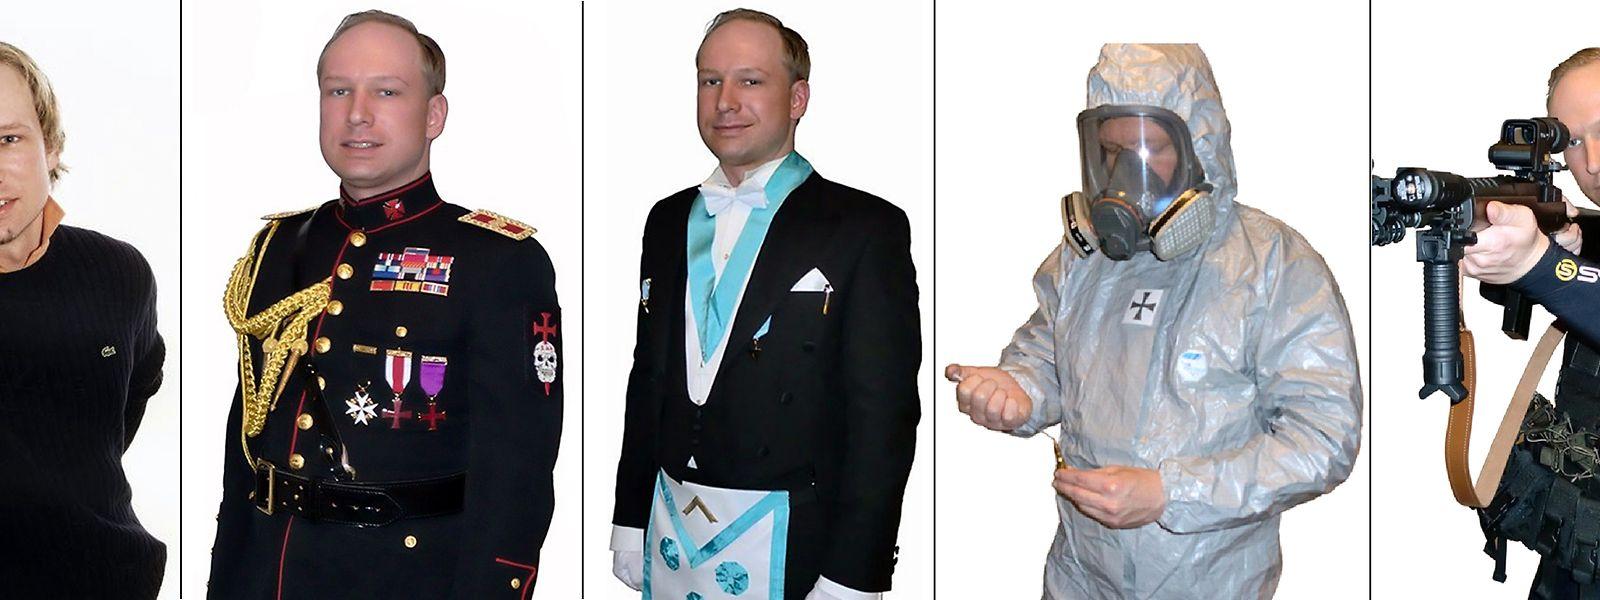 Der Amokschütze Anders Behring Breivik soll Ermittlern zufolge eine rechtsextreme Gesinnung haben.